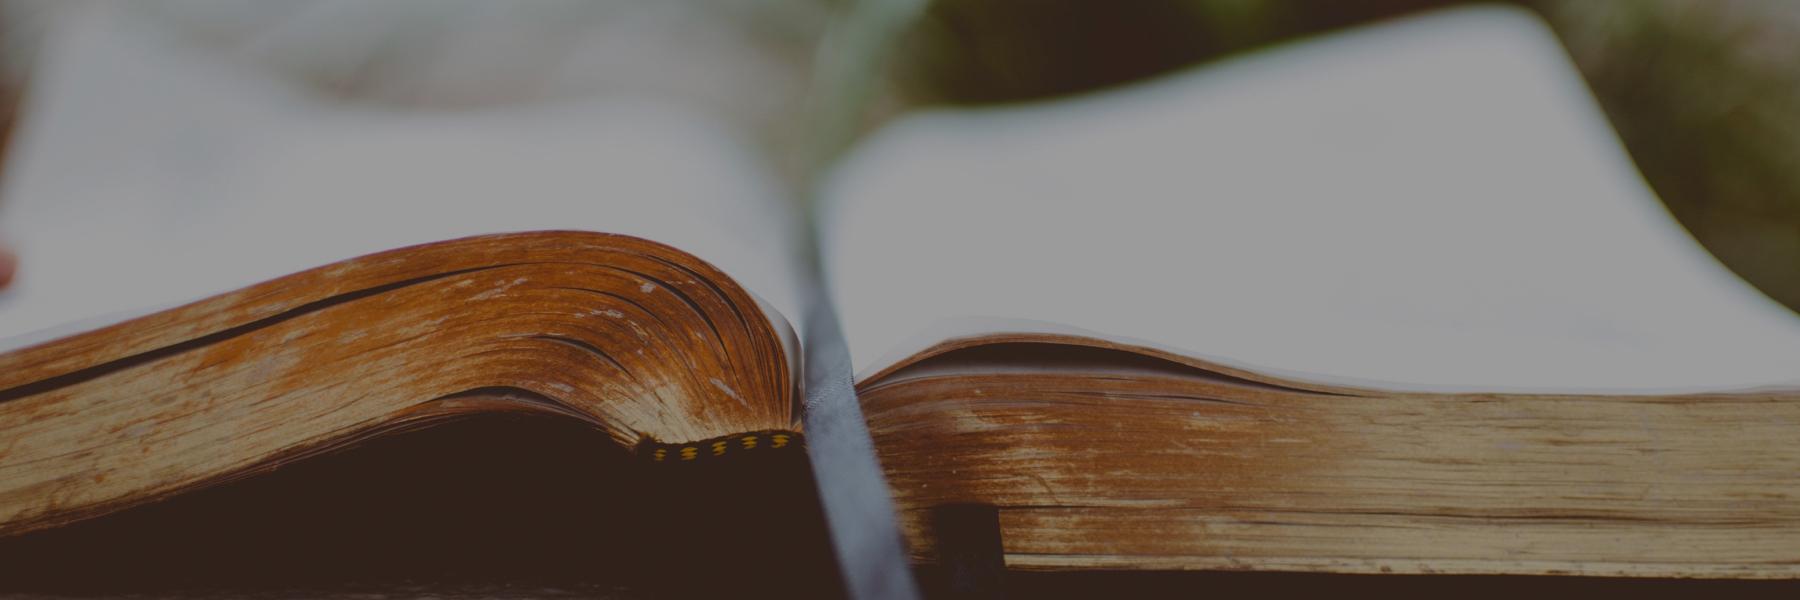 La Biblia: ¿represiva o reveladora?